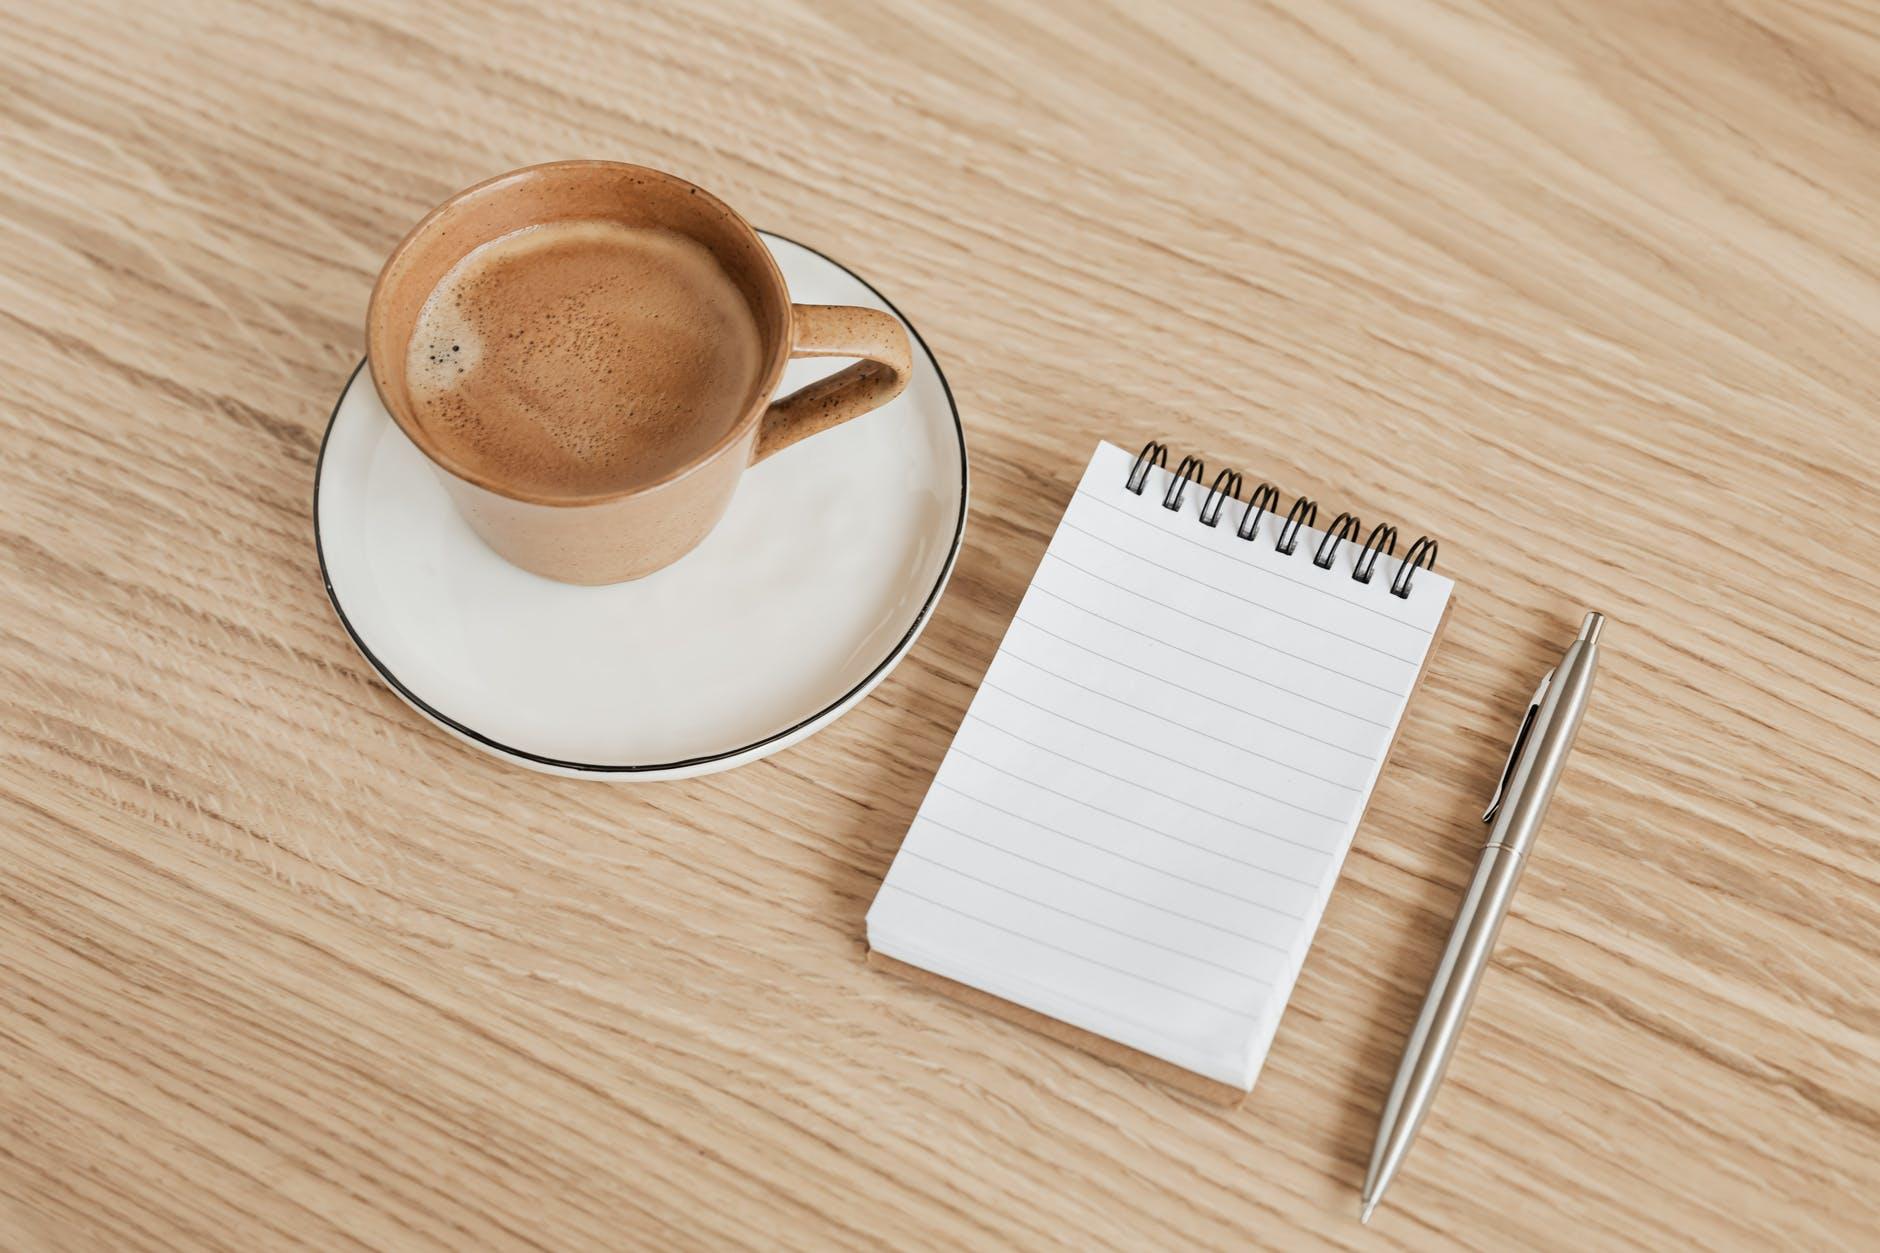 カフェコーヒー